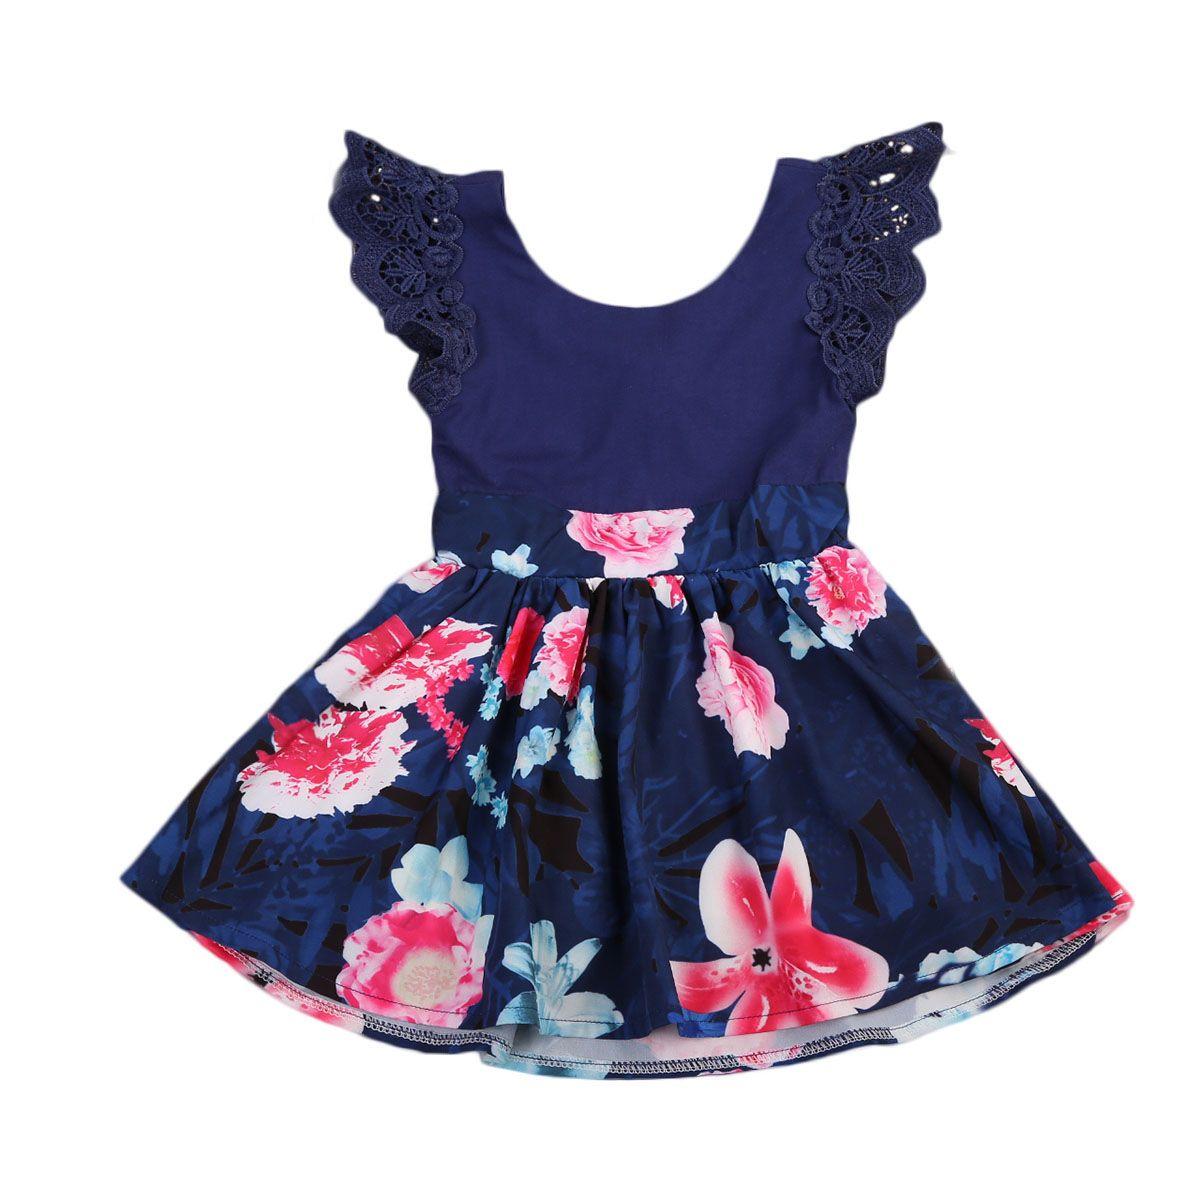 Hija de la madre de La Flor A Juego Vestidos de Mujeres Niños Niñas de Encaje Sin Mangas Floral Vestido de Fiesta de Verano Vestido de Tirantes Trajes A Juego